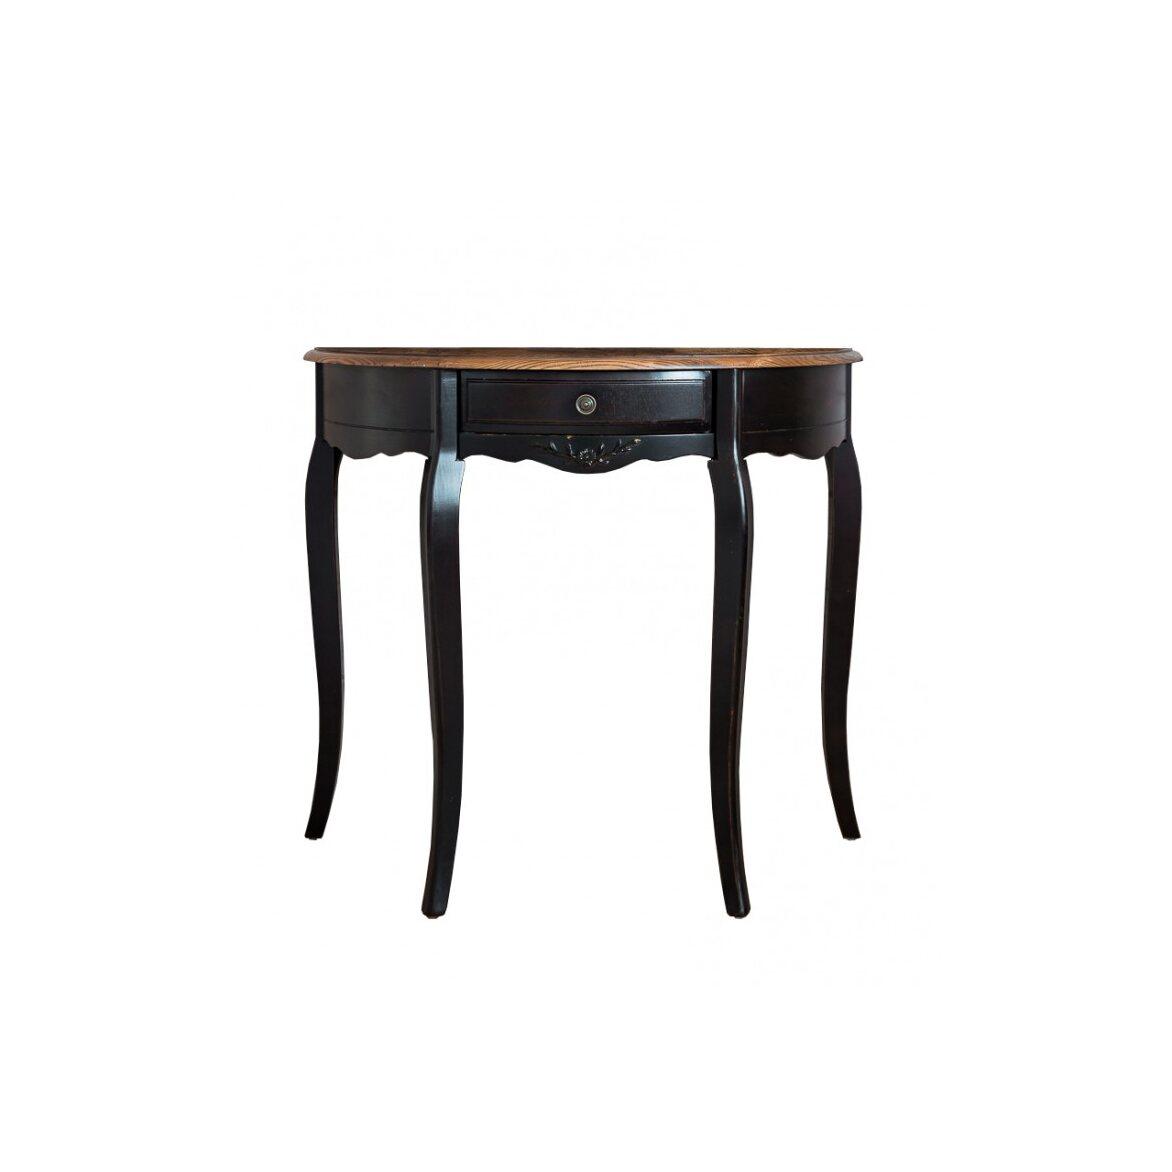 Овальная консоль (без зеркала) Leontina, черного цвета | Консоли Kingsby